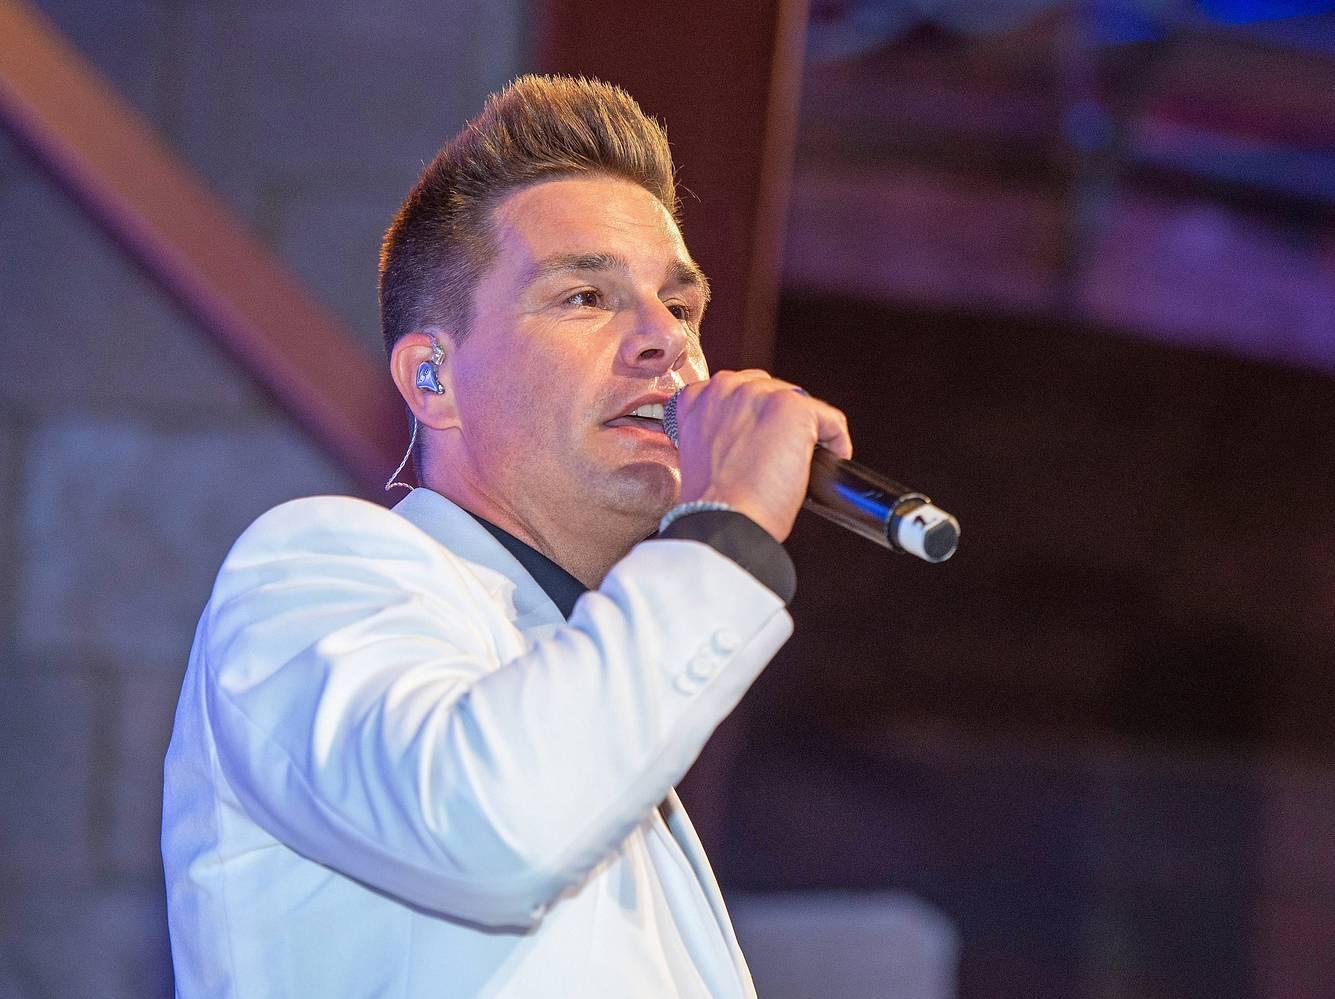 Sänger Eloy de Jong bei einem Auftritt 2018.